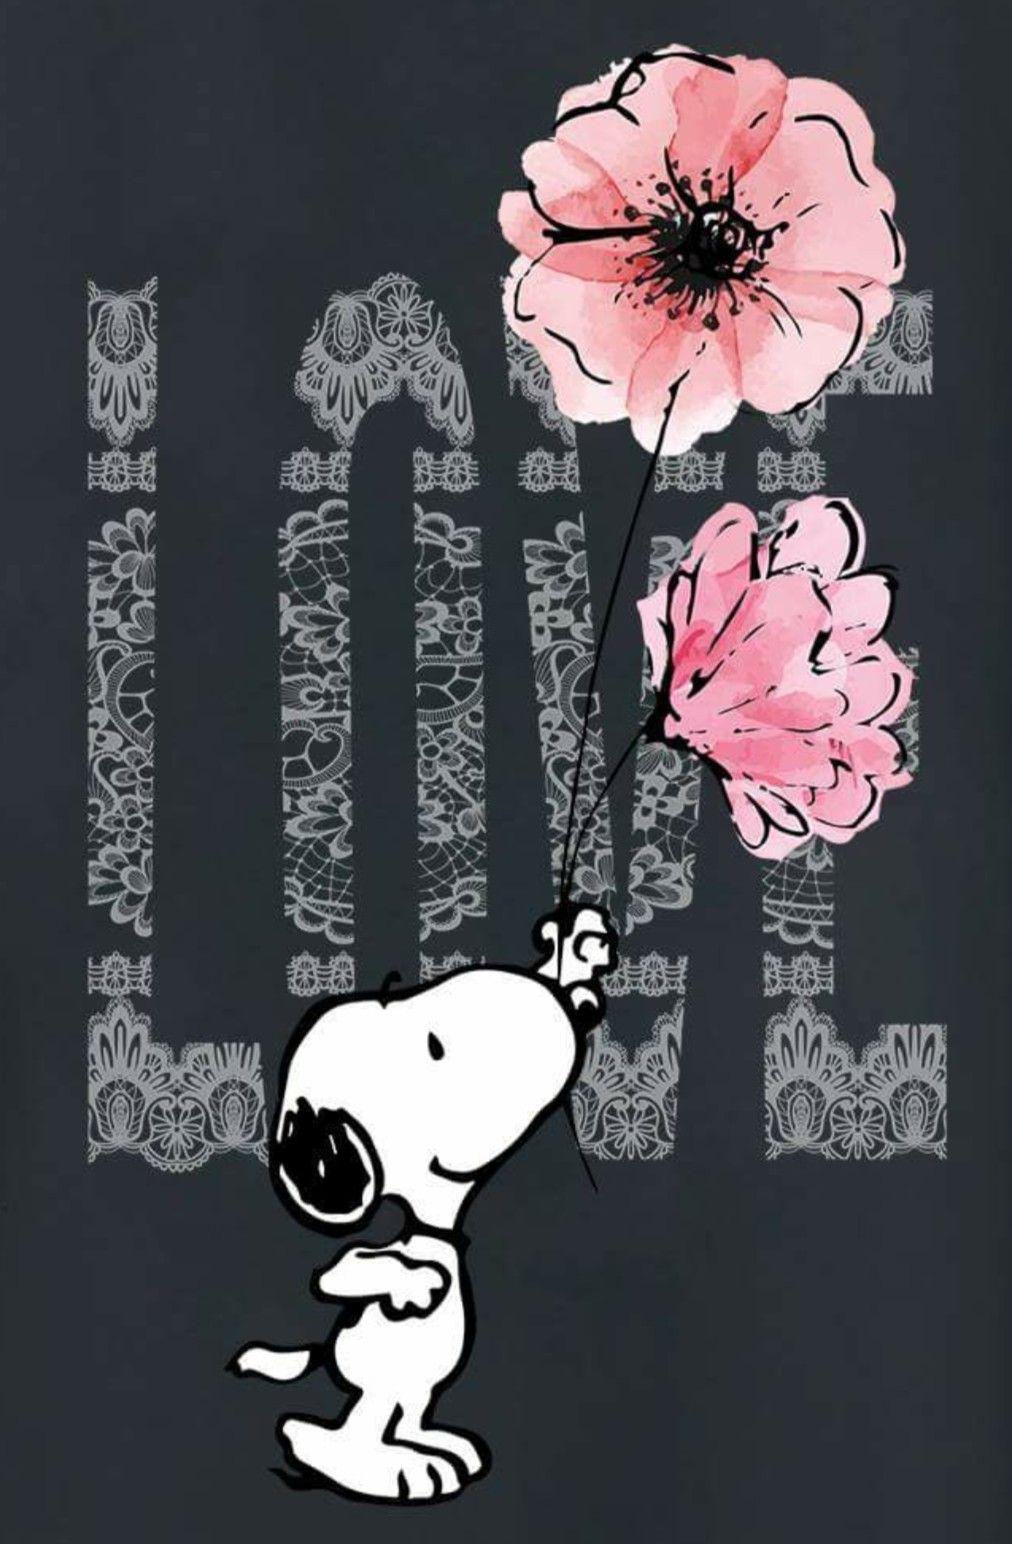 Suss Ich Liebe Dich Du Bist Bezaubernd Daizo Snoopy Pinterest